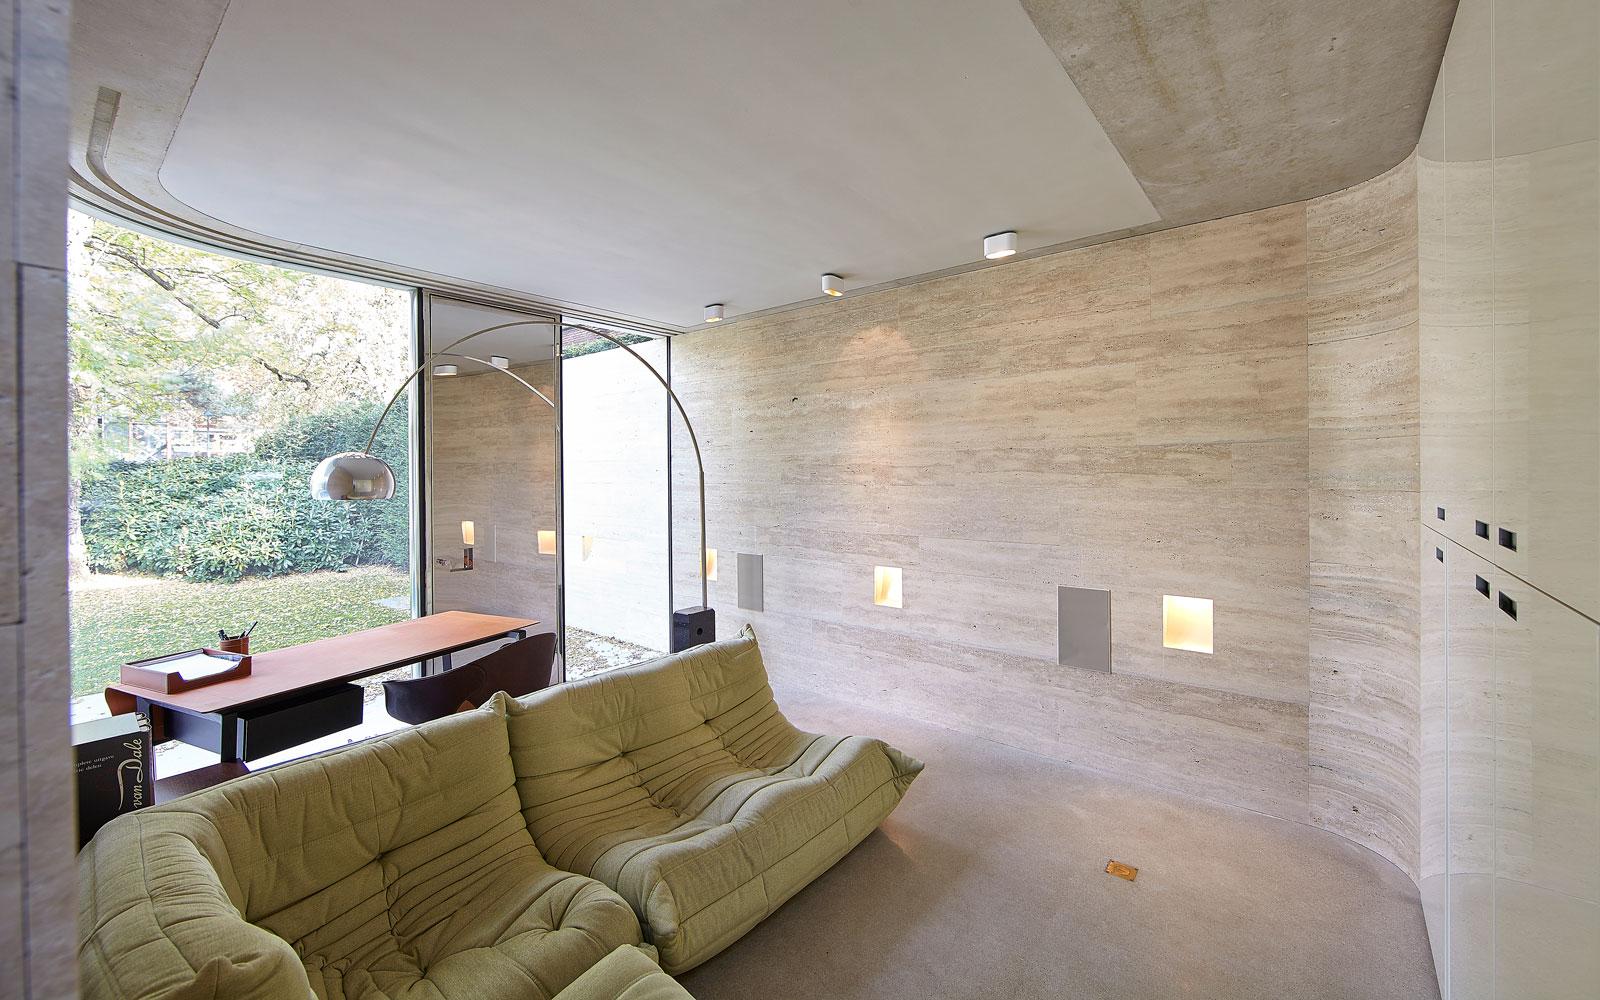 Lounge, grote ramen, daglicht, stoelen, vooroorlogse villa, De Bever Architecten